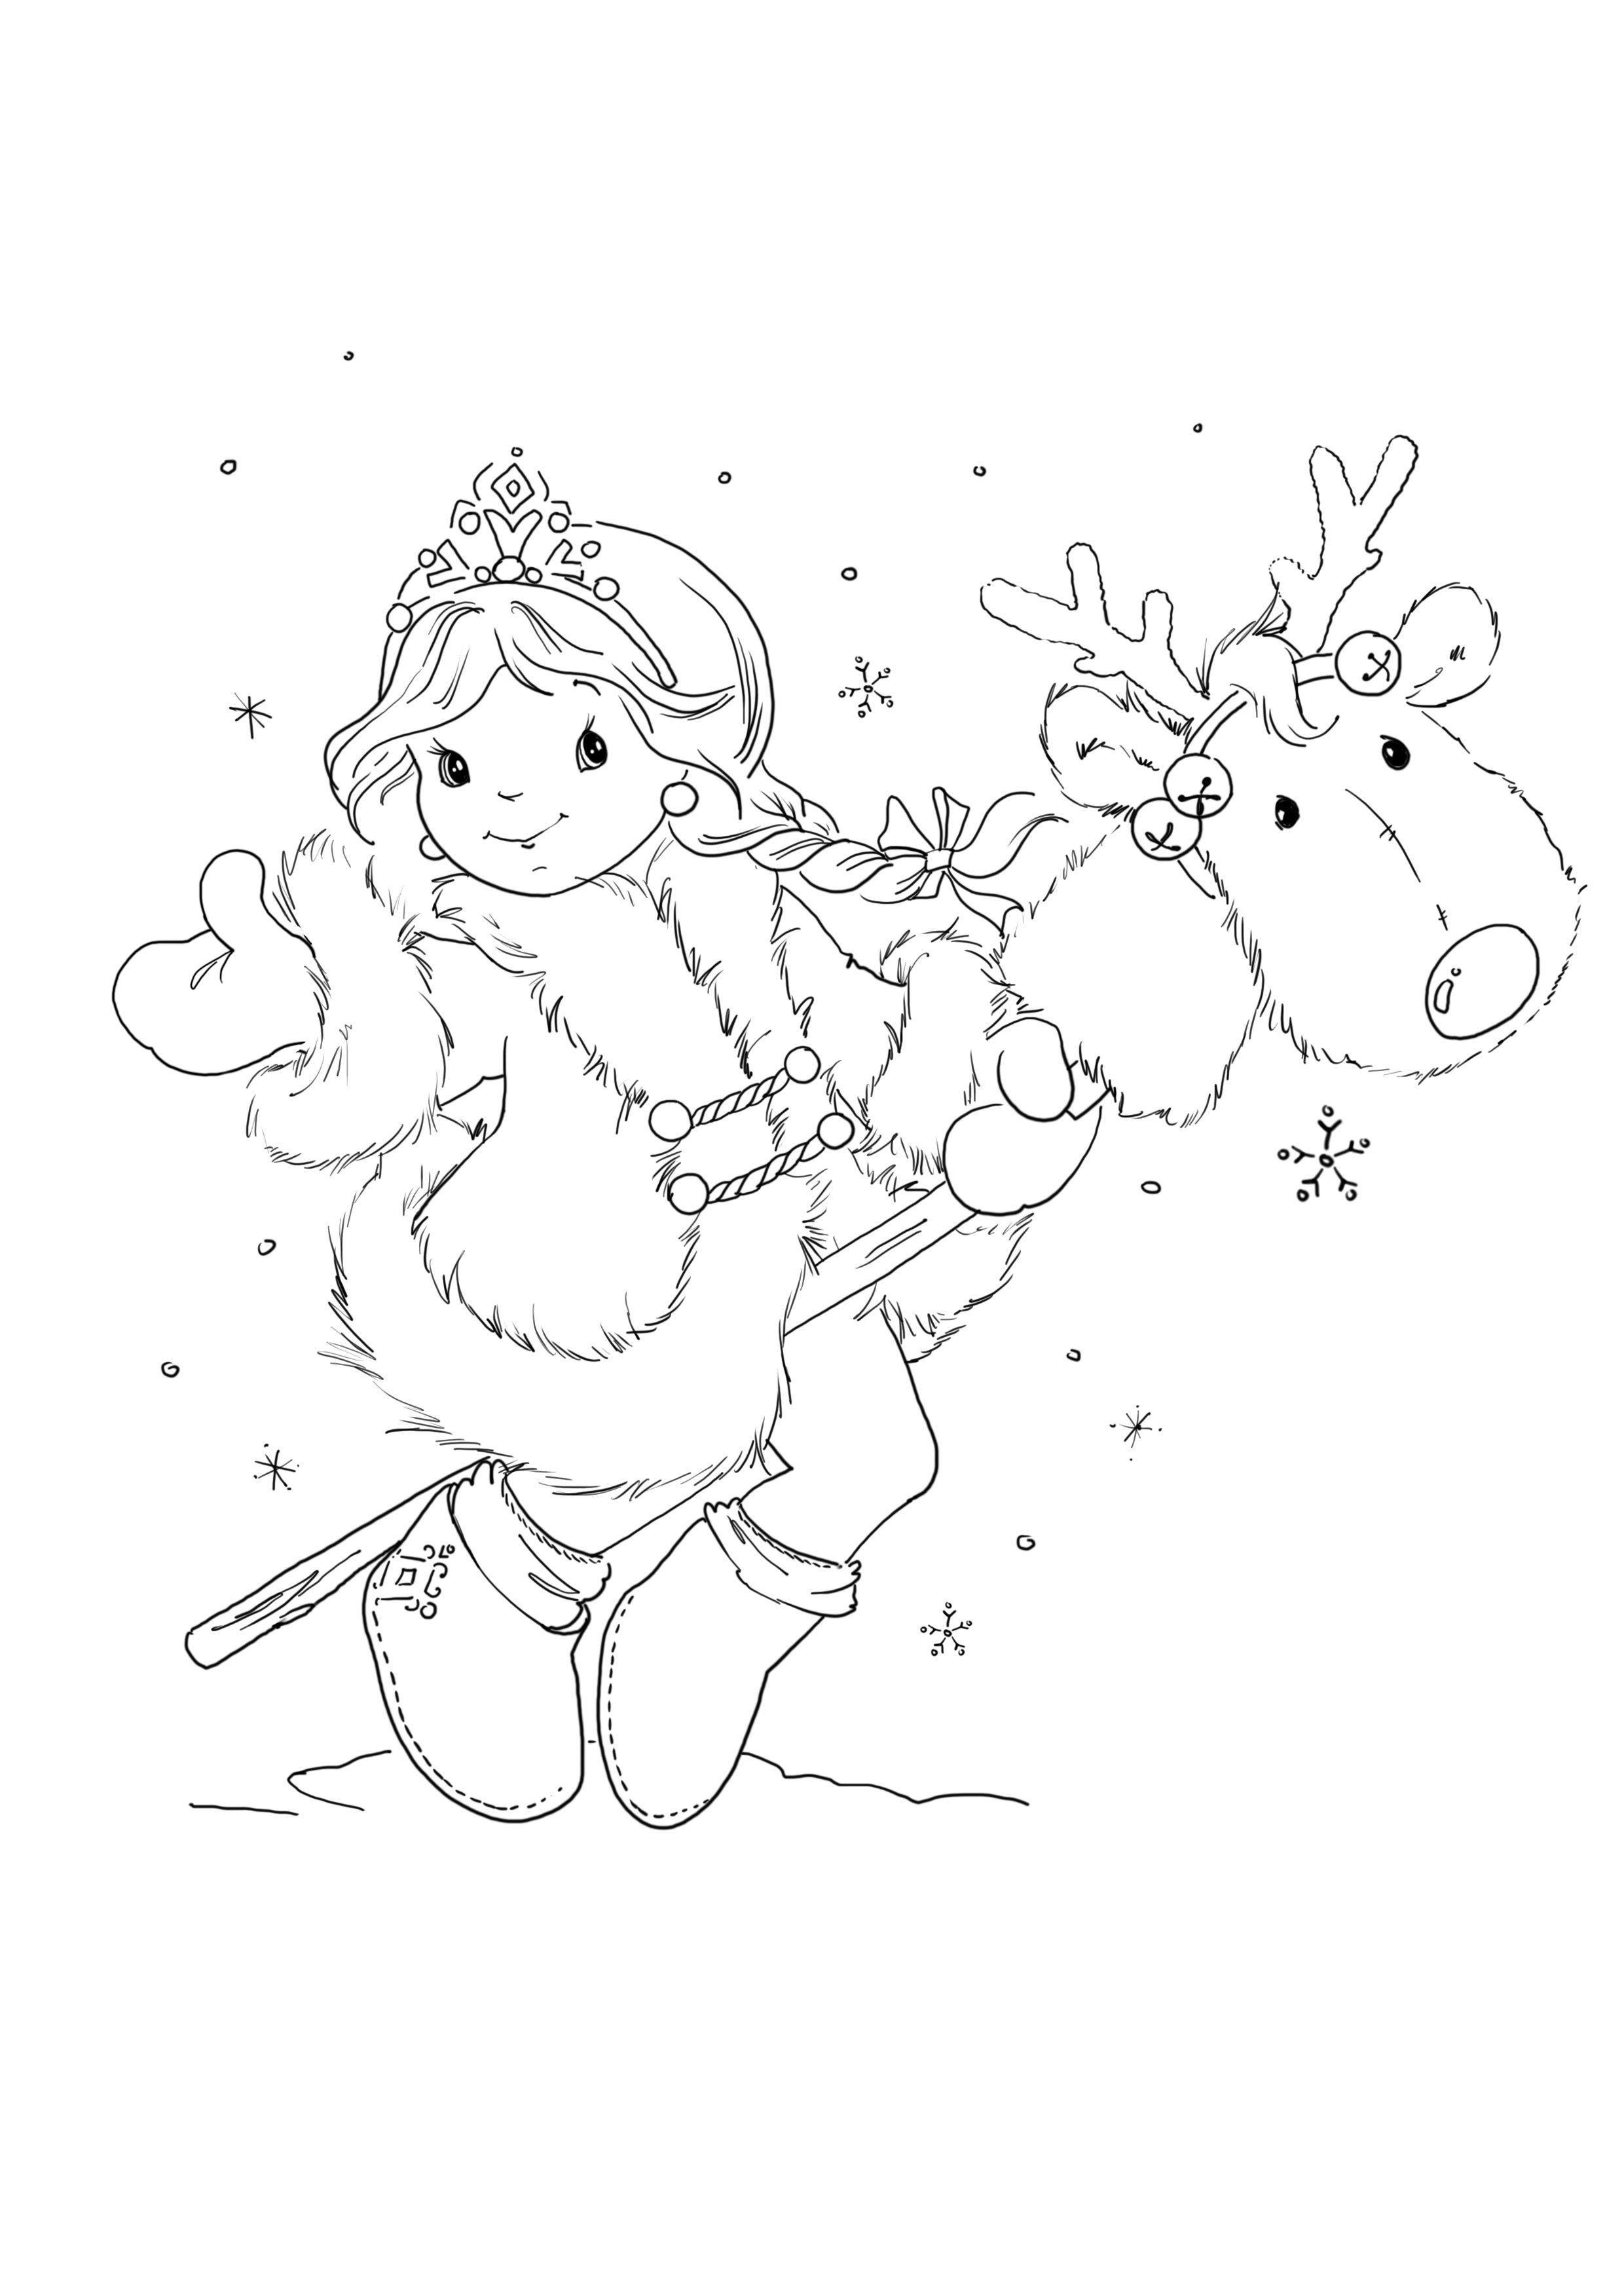 Mit Rentier   basteln   Pinterest   Colorear, Dibujo y Navidad